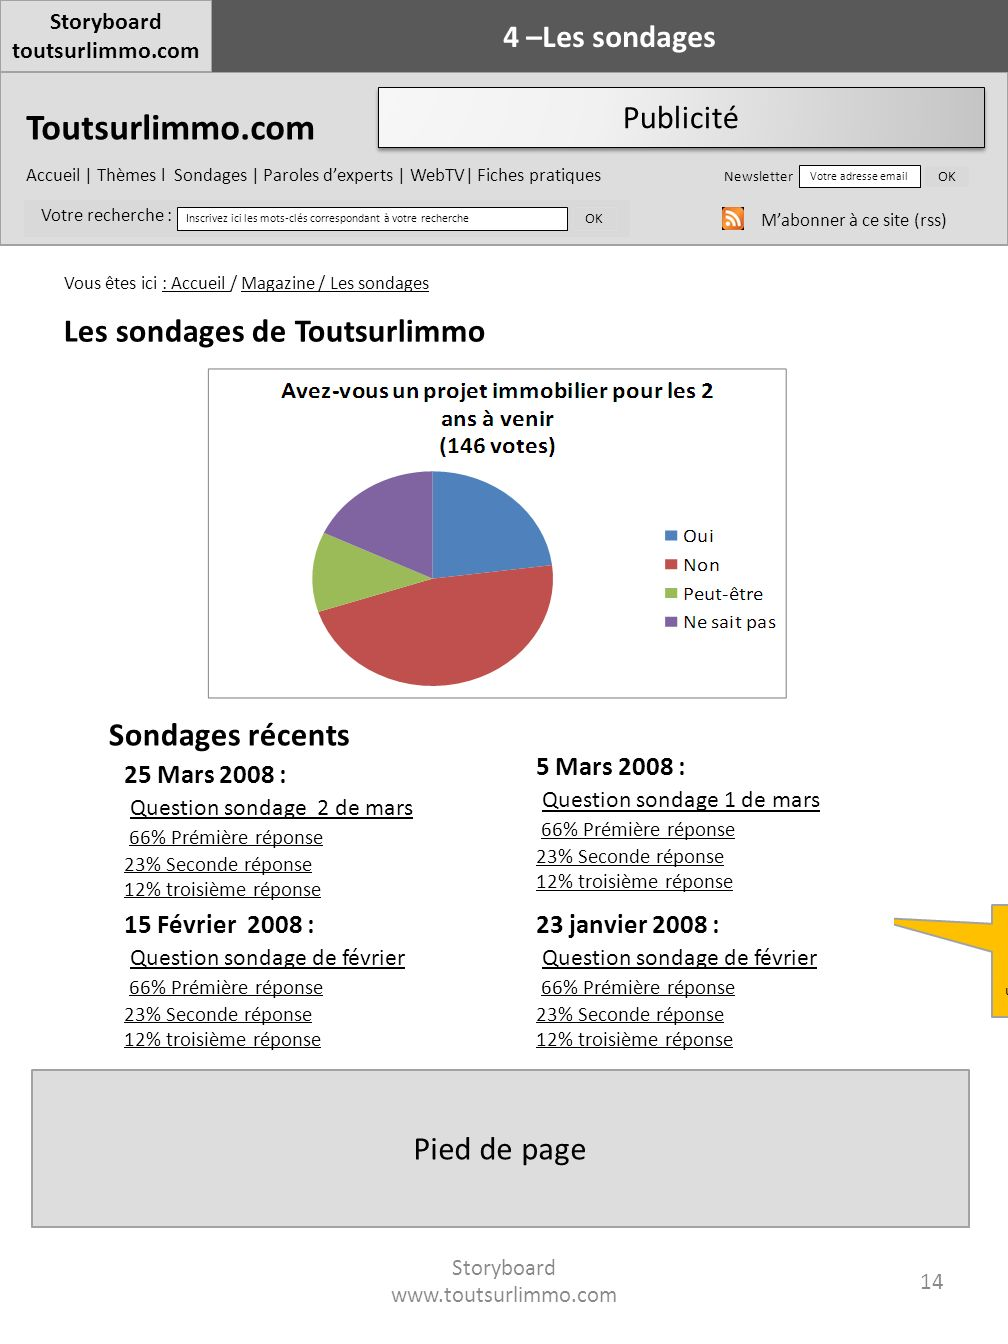 Storyboard www.toutsurlimmo.com